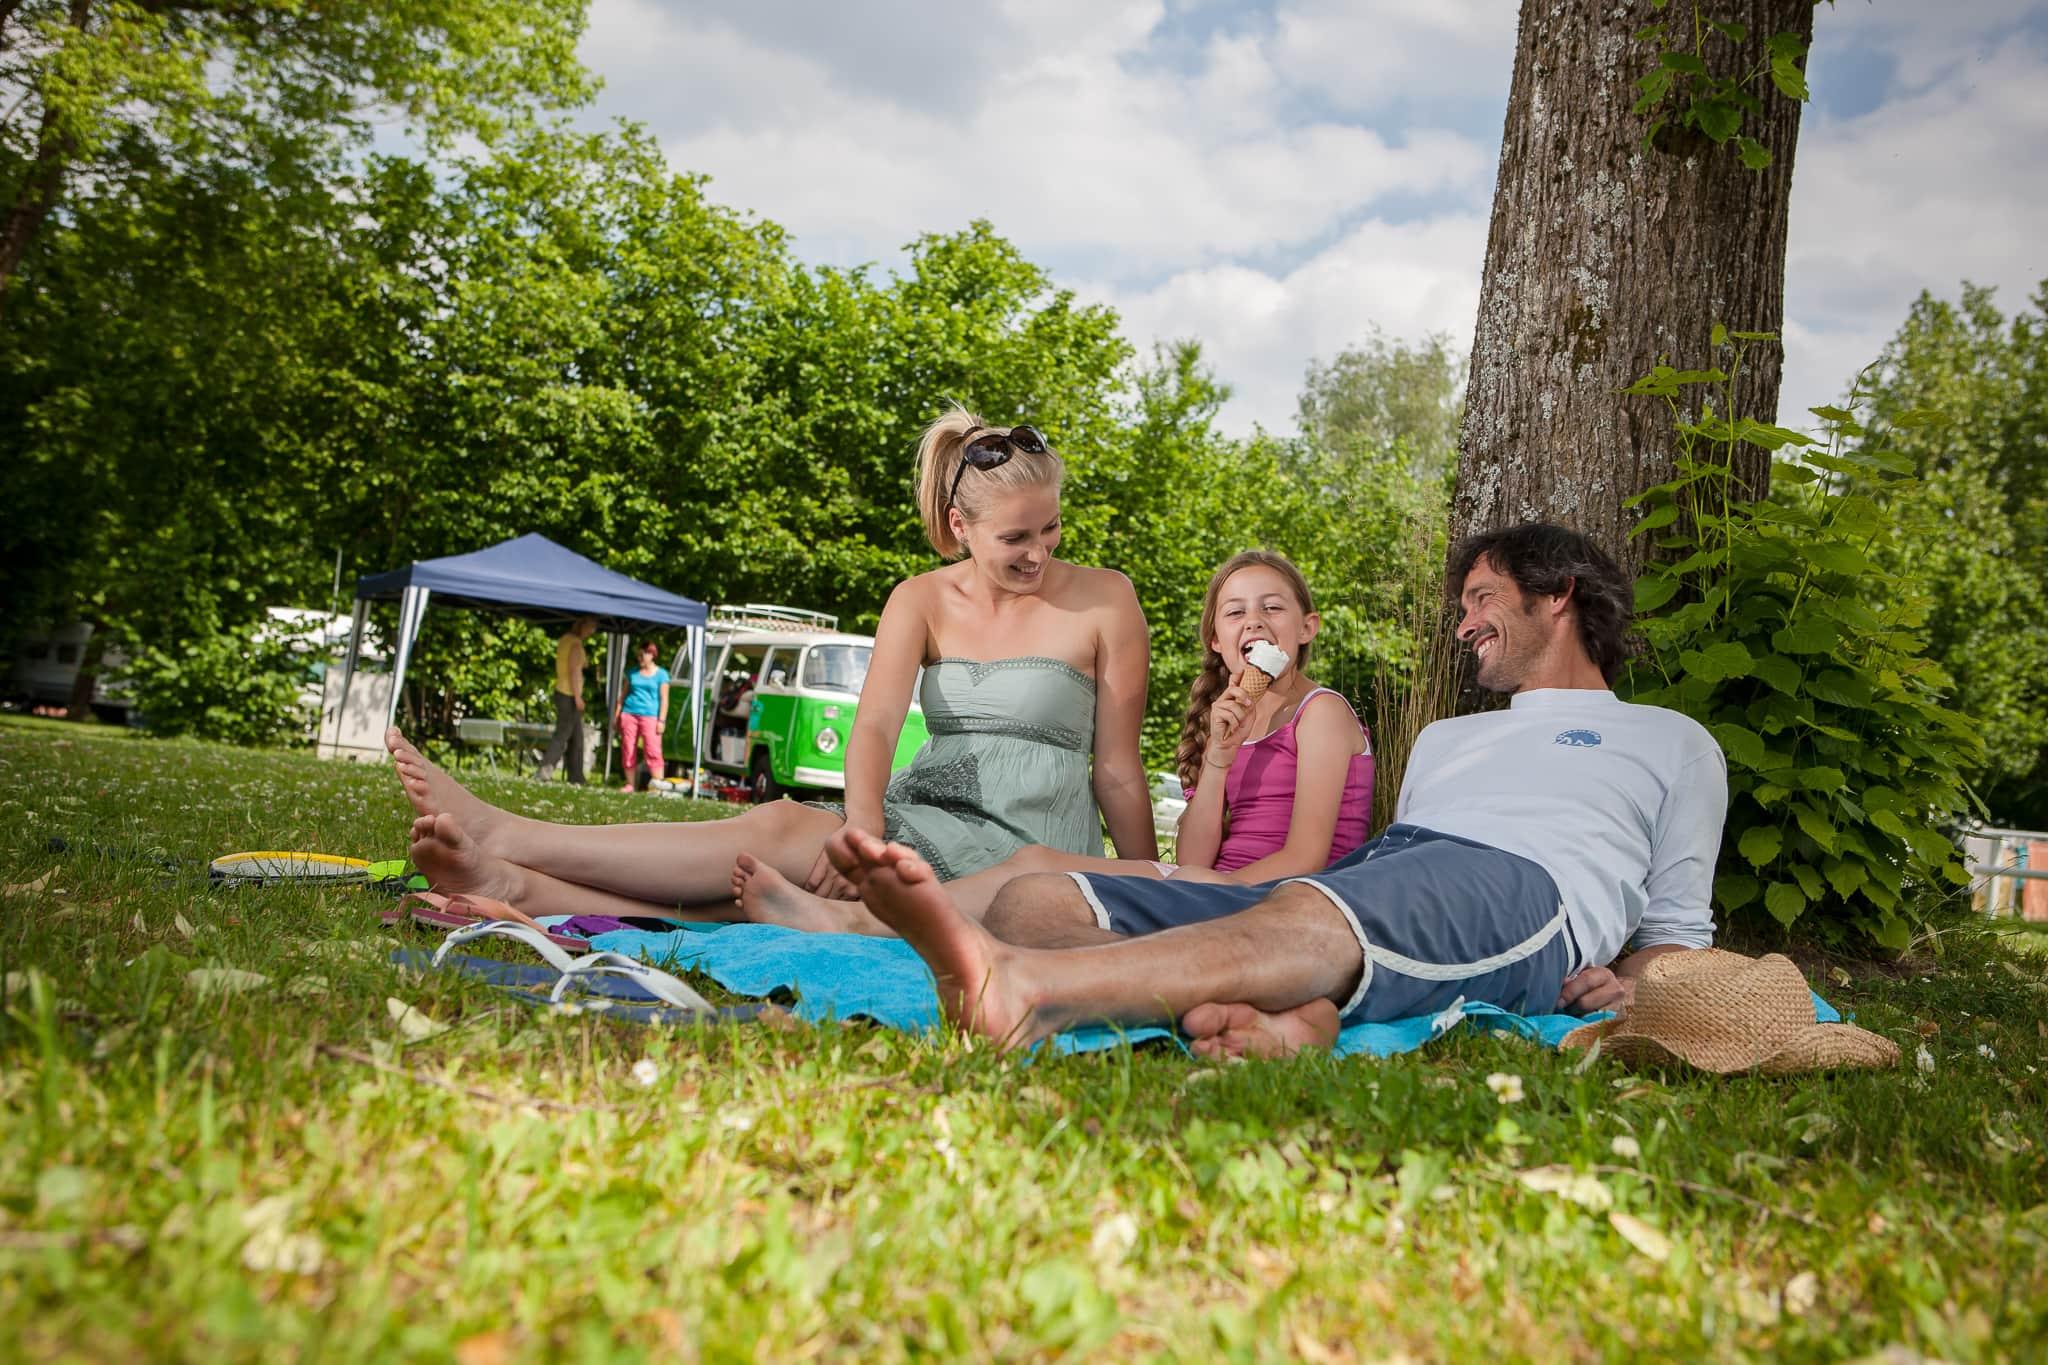 Im Urlaub entspannend campen!